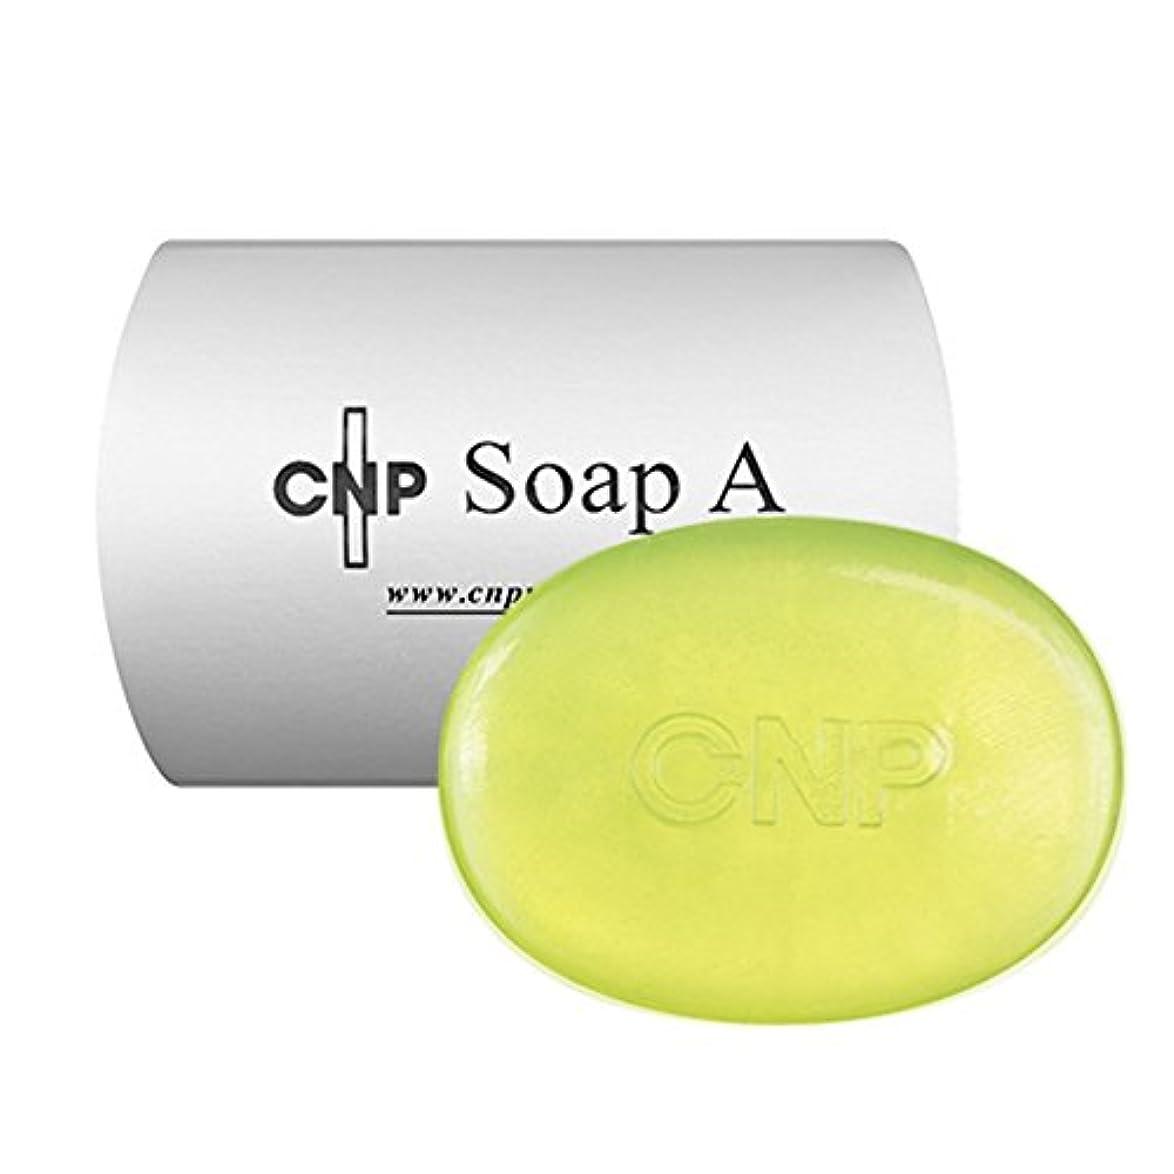 ロマンスアレキサンダーグラハムベルバッフルCNP Soap A チャアンドパク ソープ A [並行輸入品]